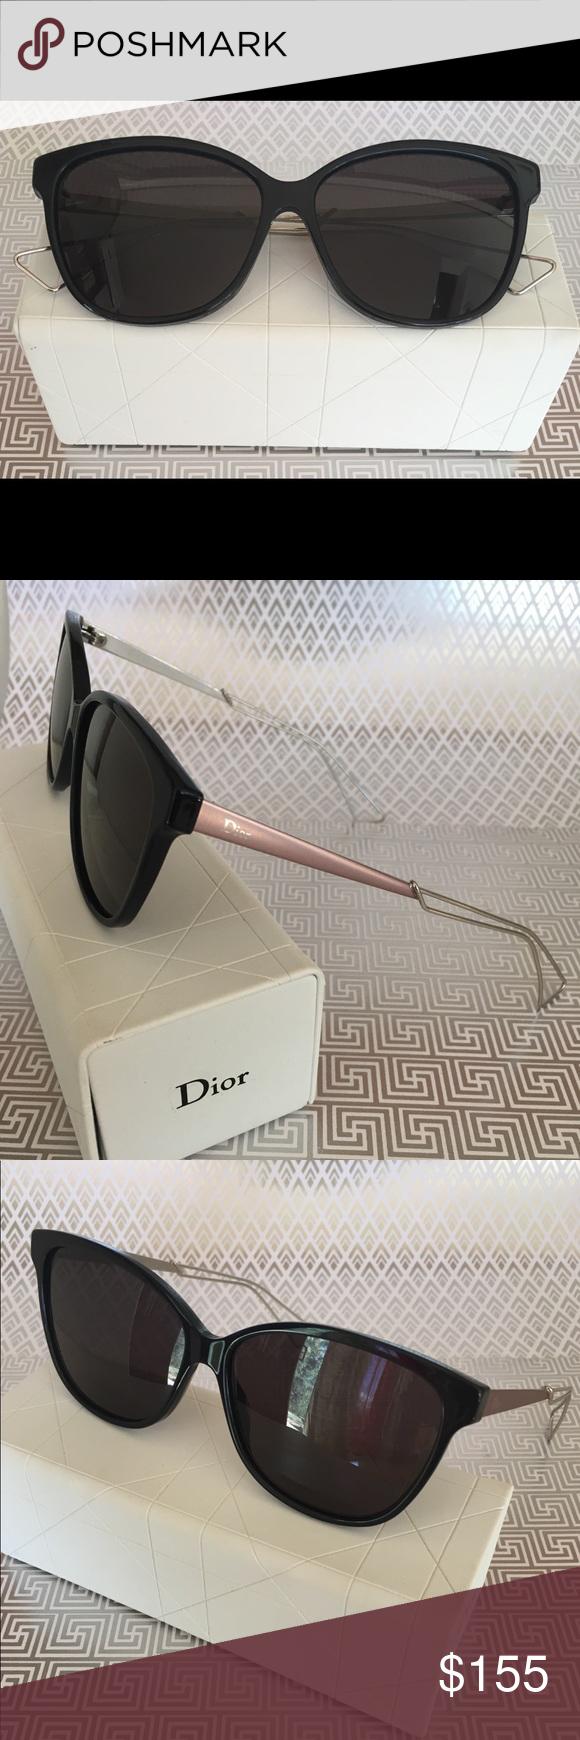 5e41189822435 Dior Confident 2 Sunglasses Simple